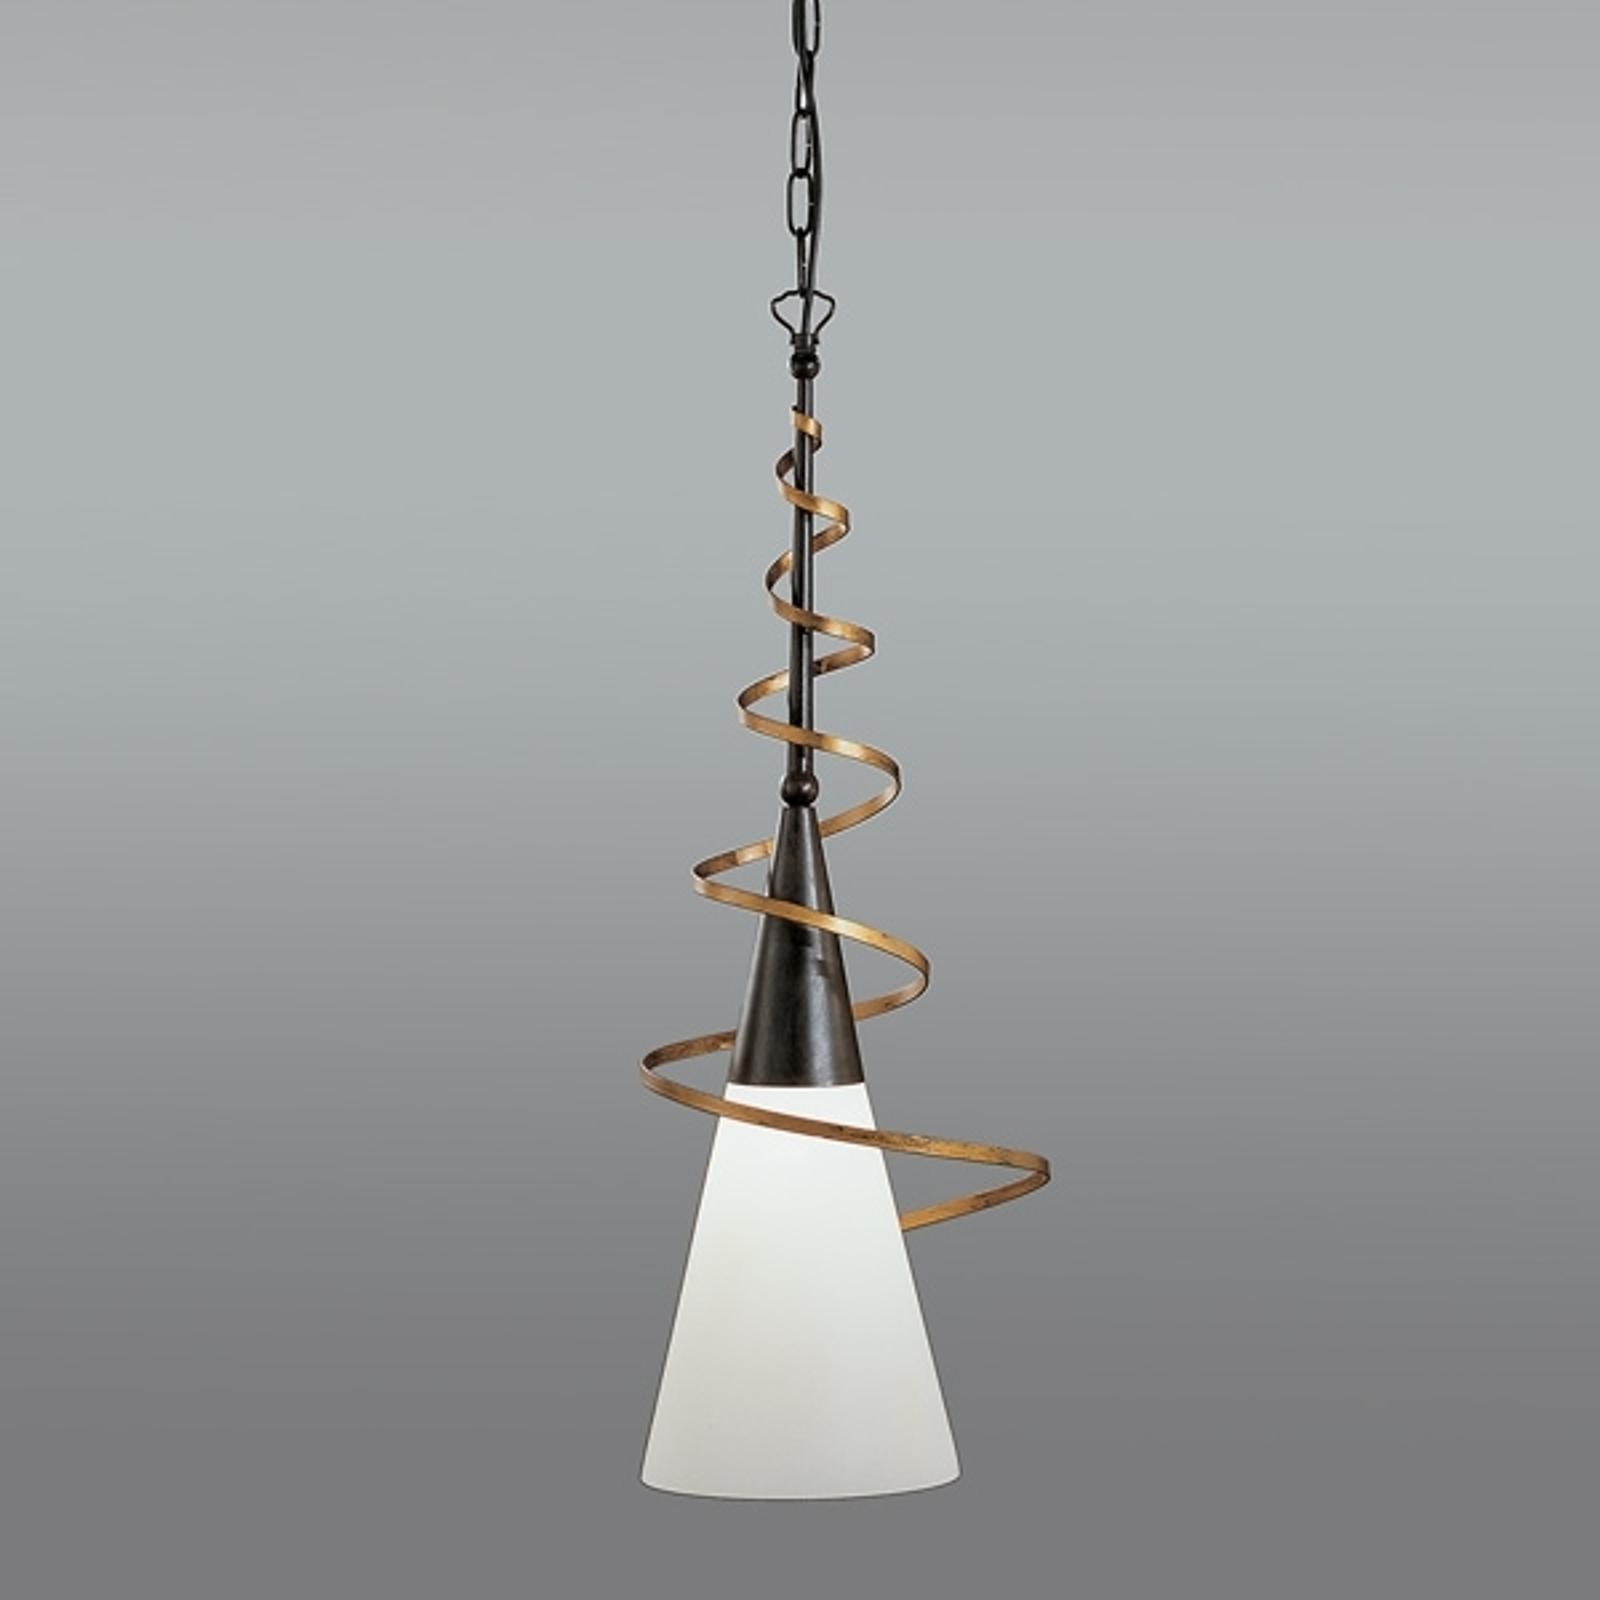 Lampa wisząca BONITO, rdzawy antyk, 75 cm